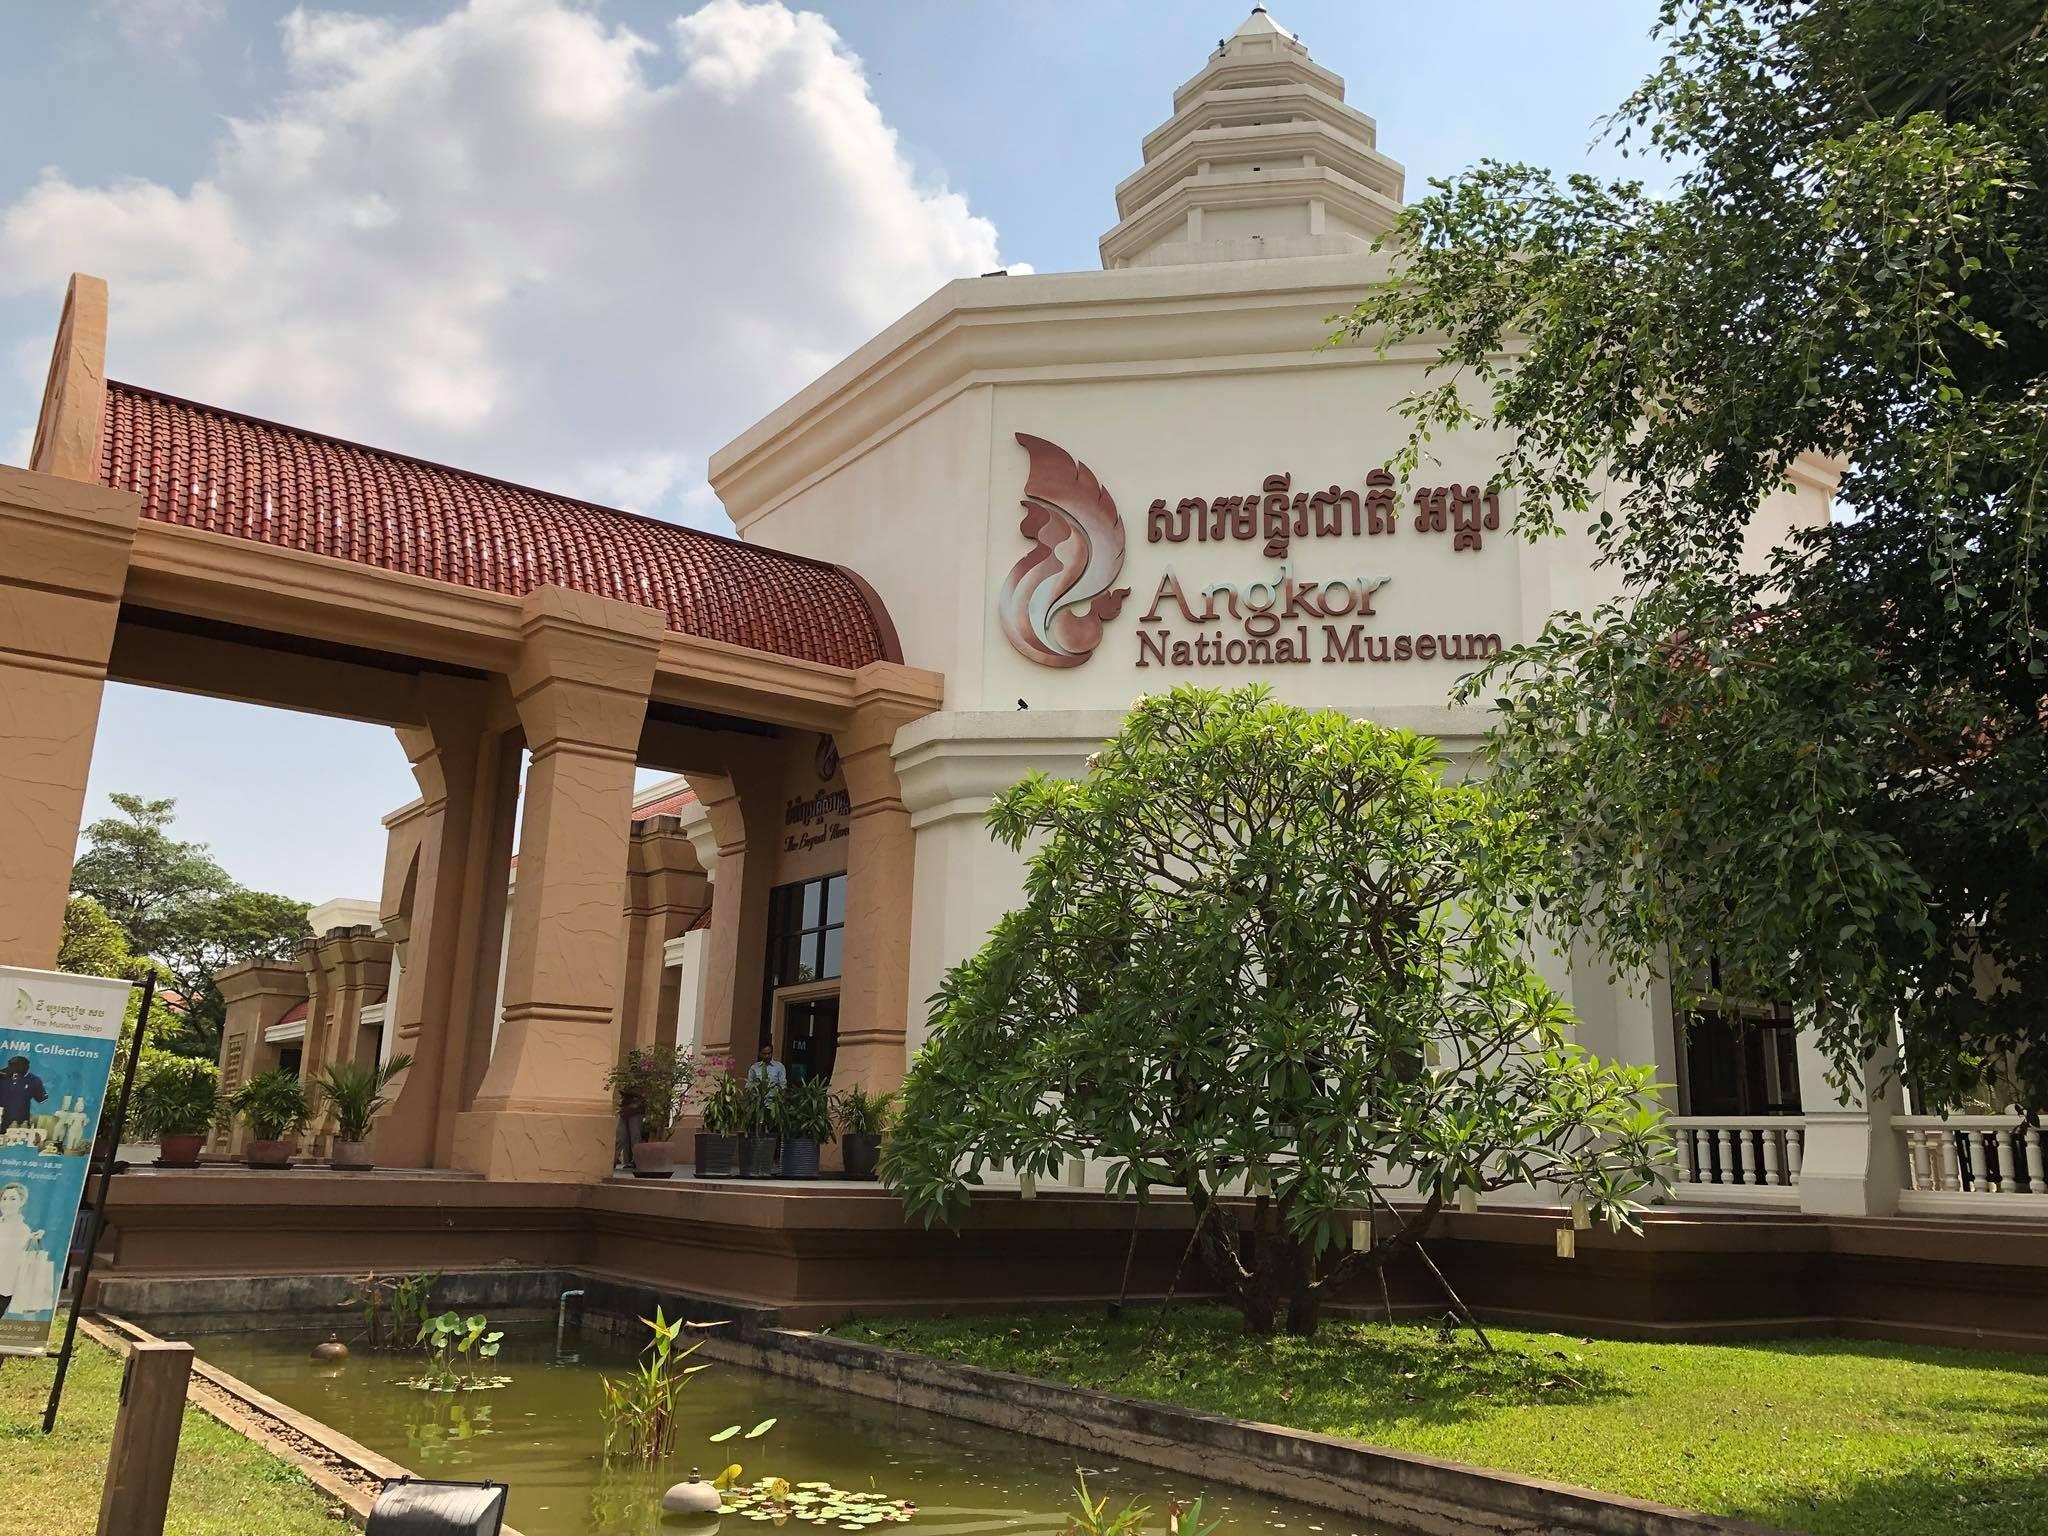 Angkor National Museum – Điểm dừng chân không nên bỏ lỡ? - Ảnh 1.